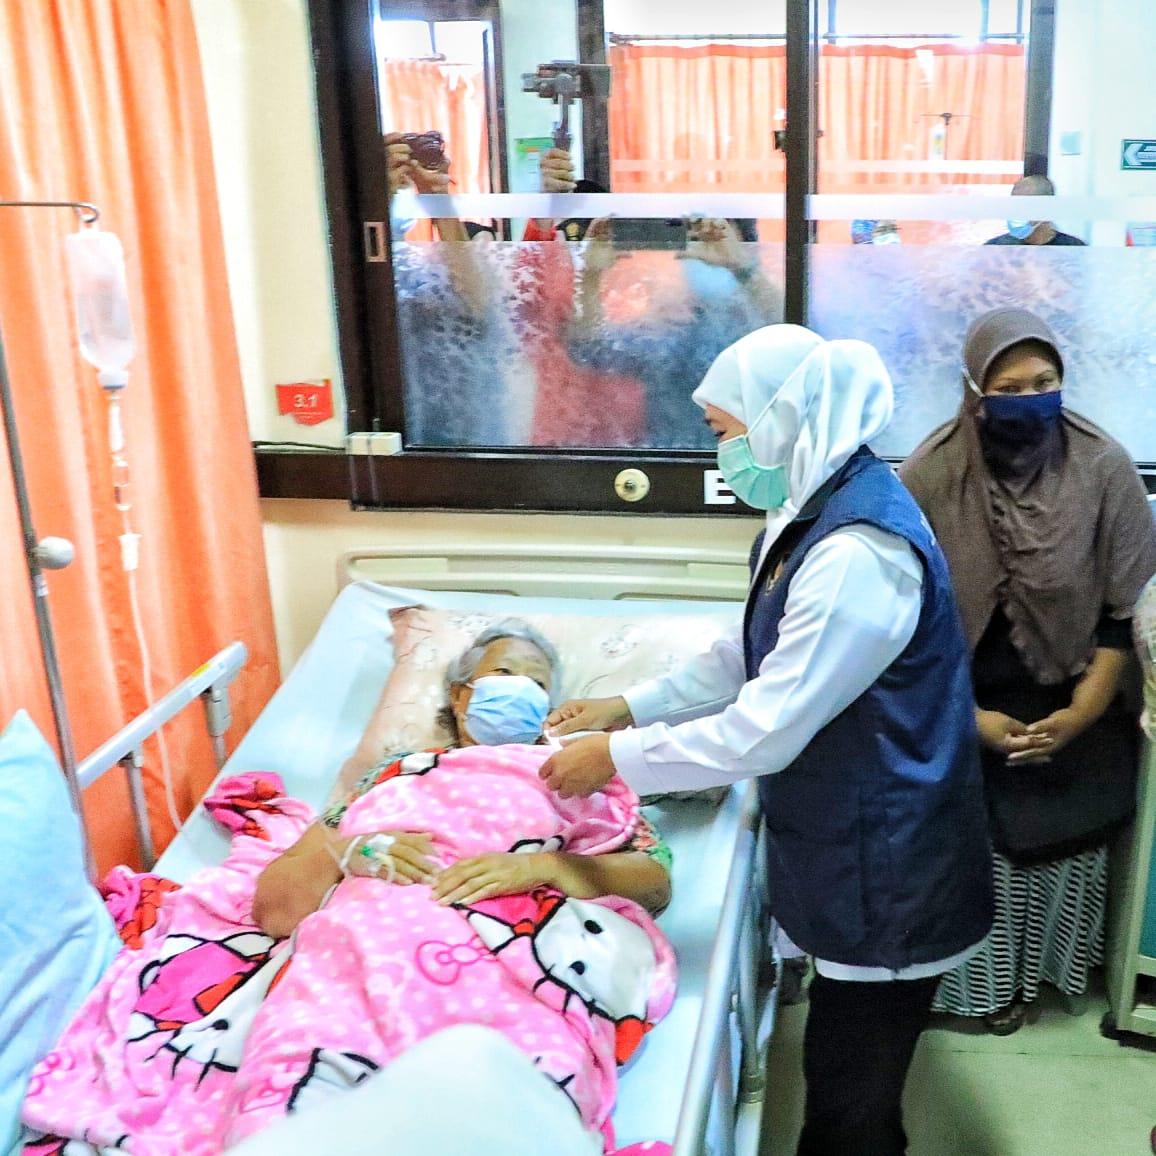 Gubernur Jatim, Khofifah Indar Parawansa saat menjenguk korban gempa yang dirawat di rumah sakit di Blitar. (Istimewa/ Pemprov Jatim )